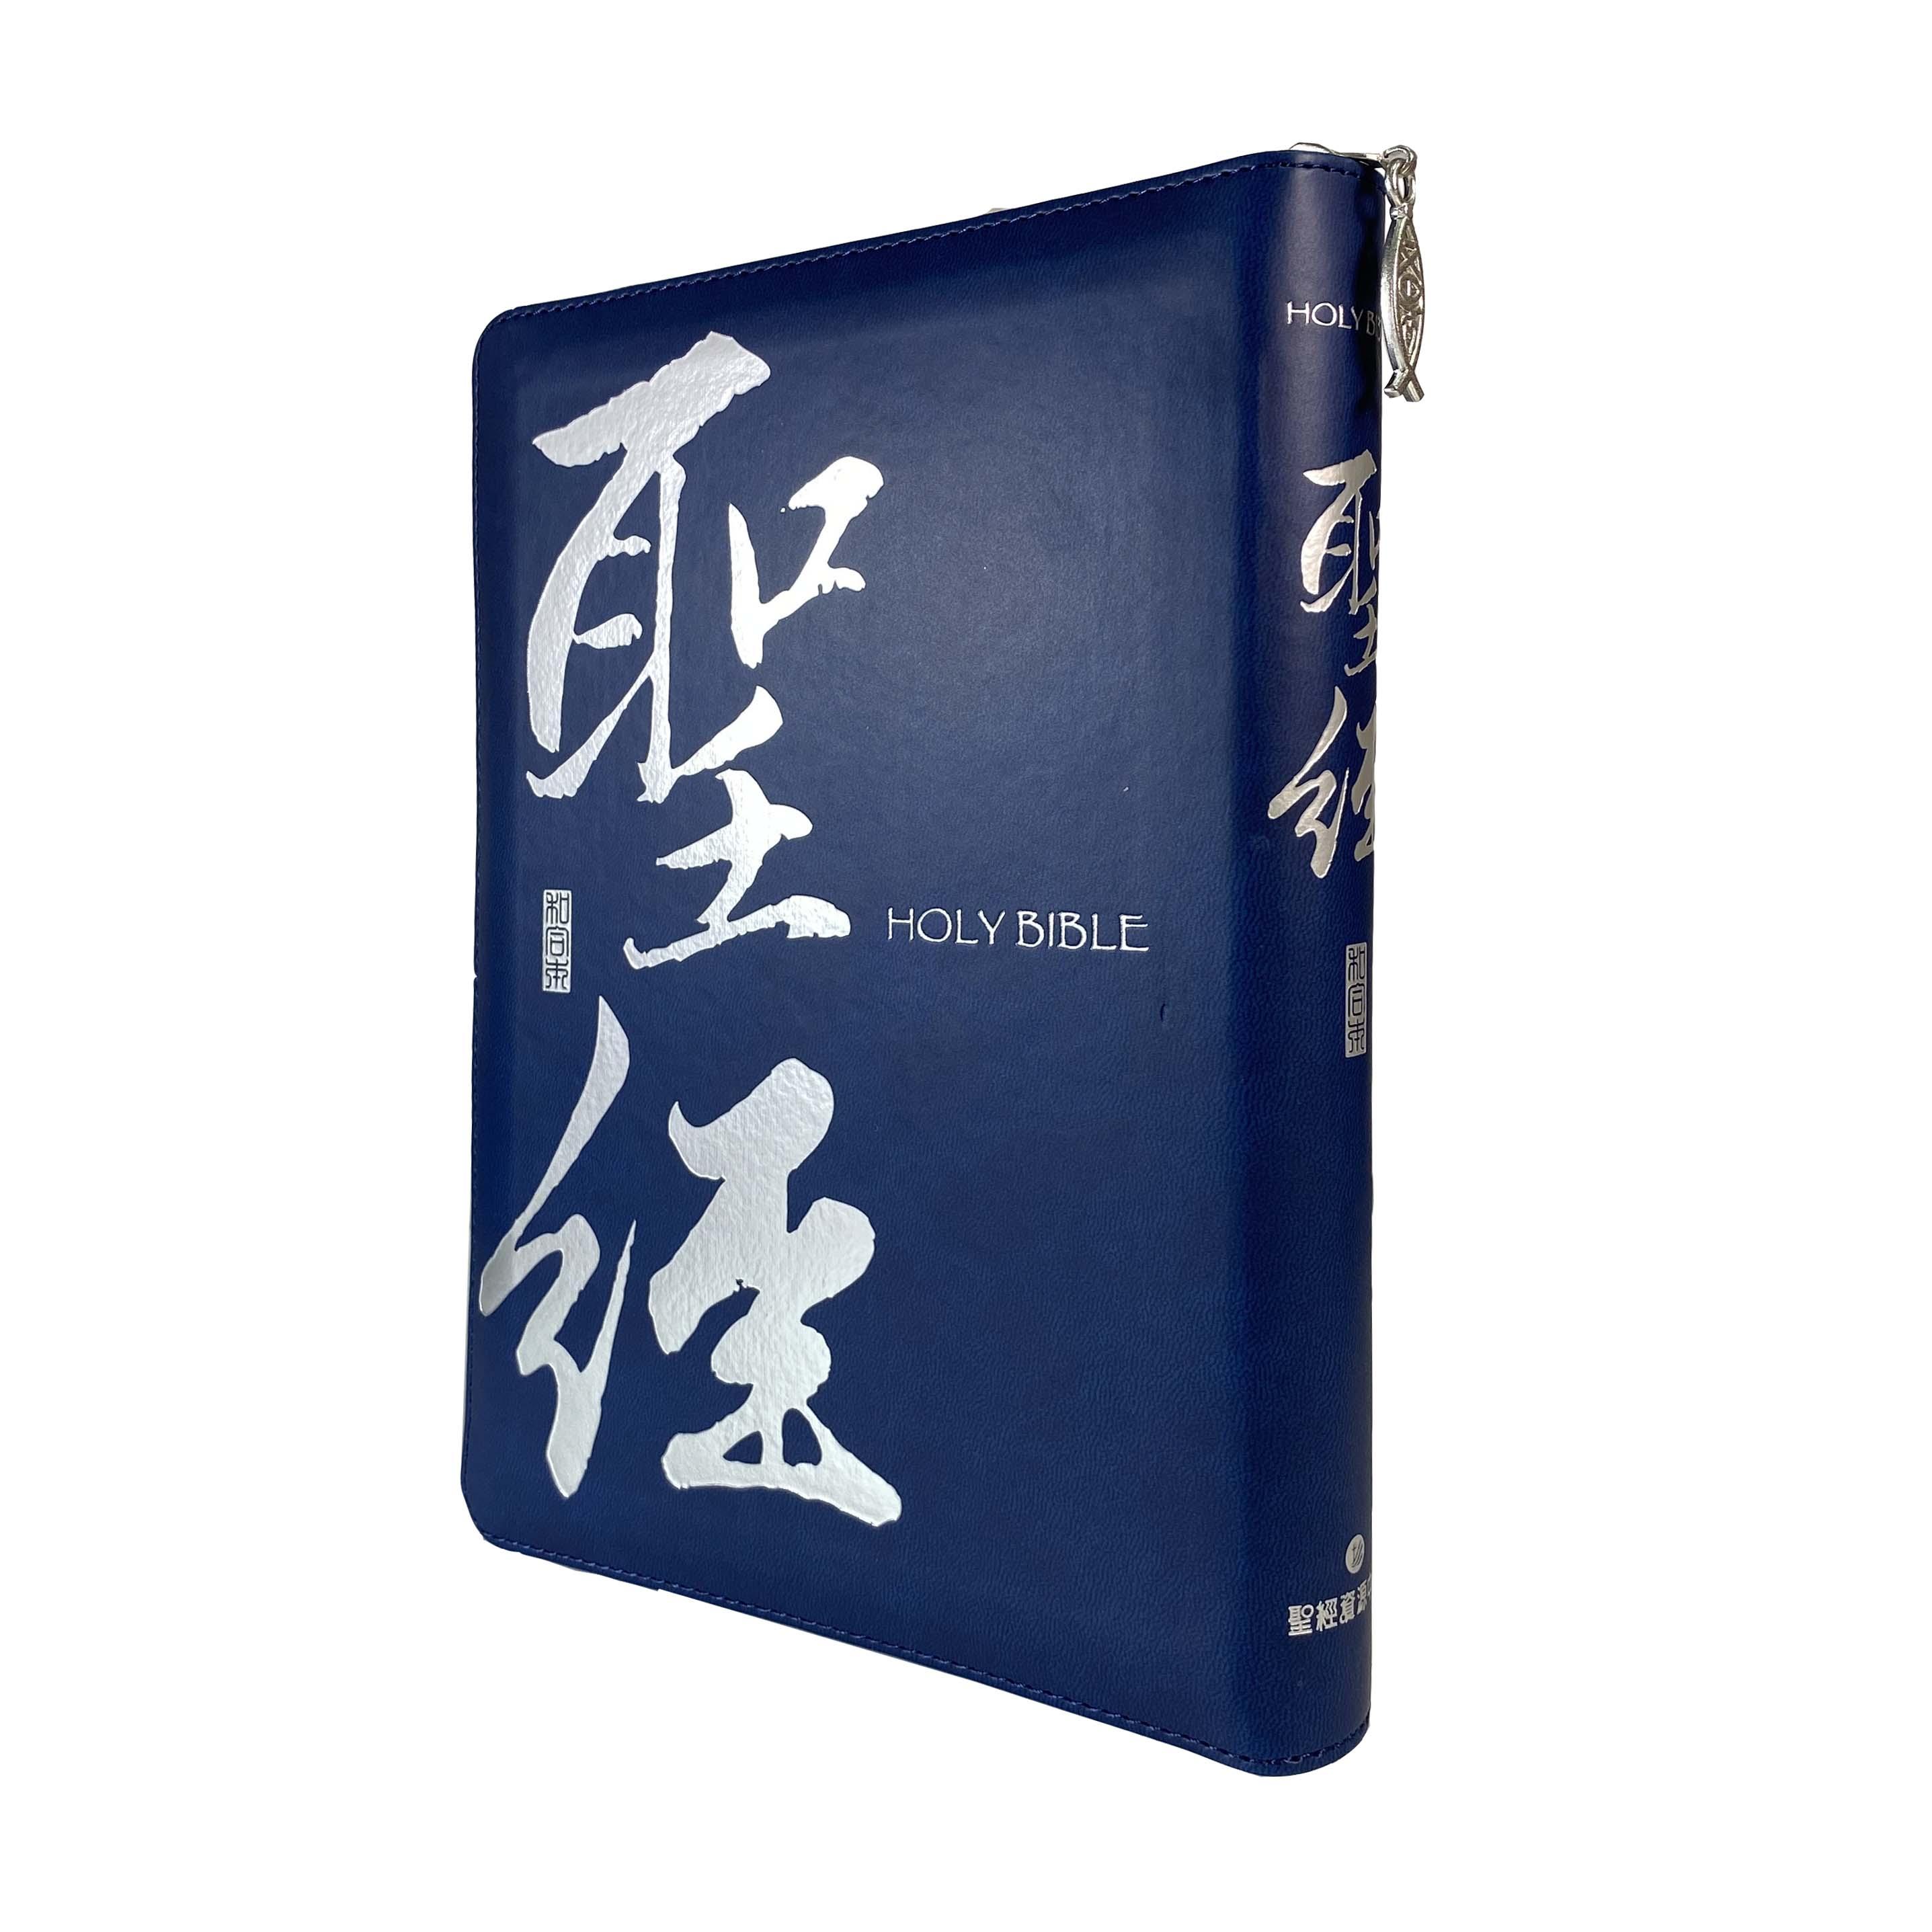 【買一送一】(書法藍/銀)皮面拉鍊索引_7系列聖經和合本